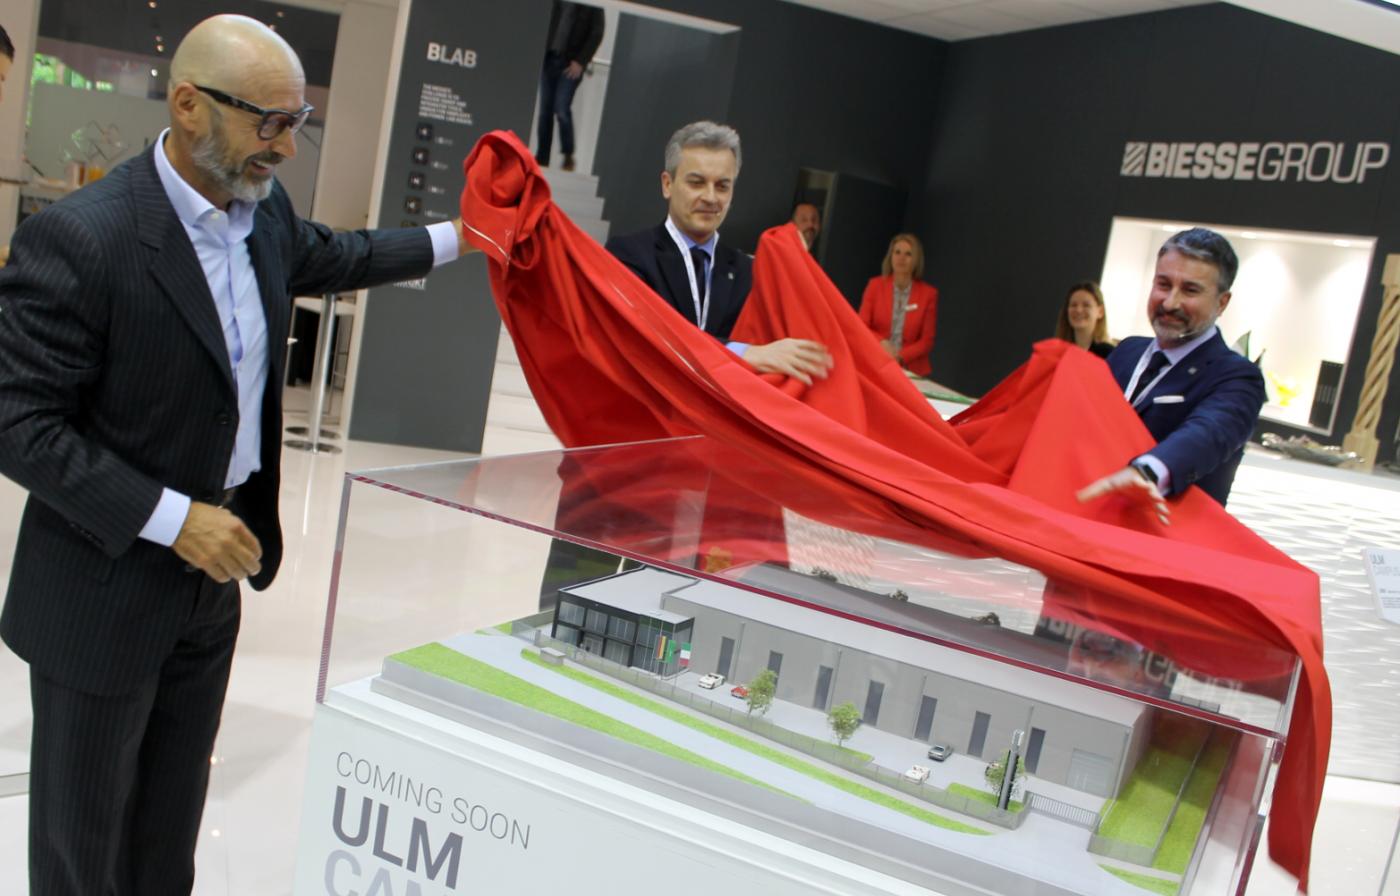 BIESSE presentó su nuevo Campus Ulm en la Holz-Handwerk 2018